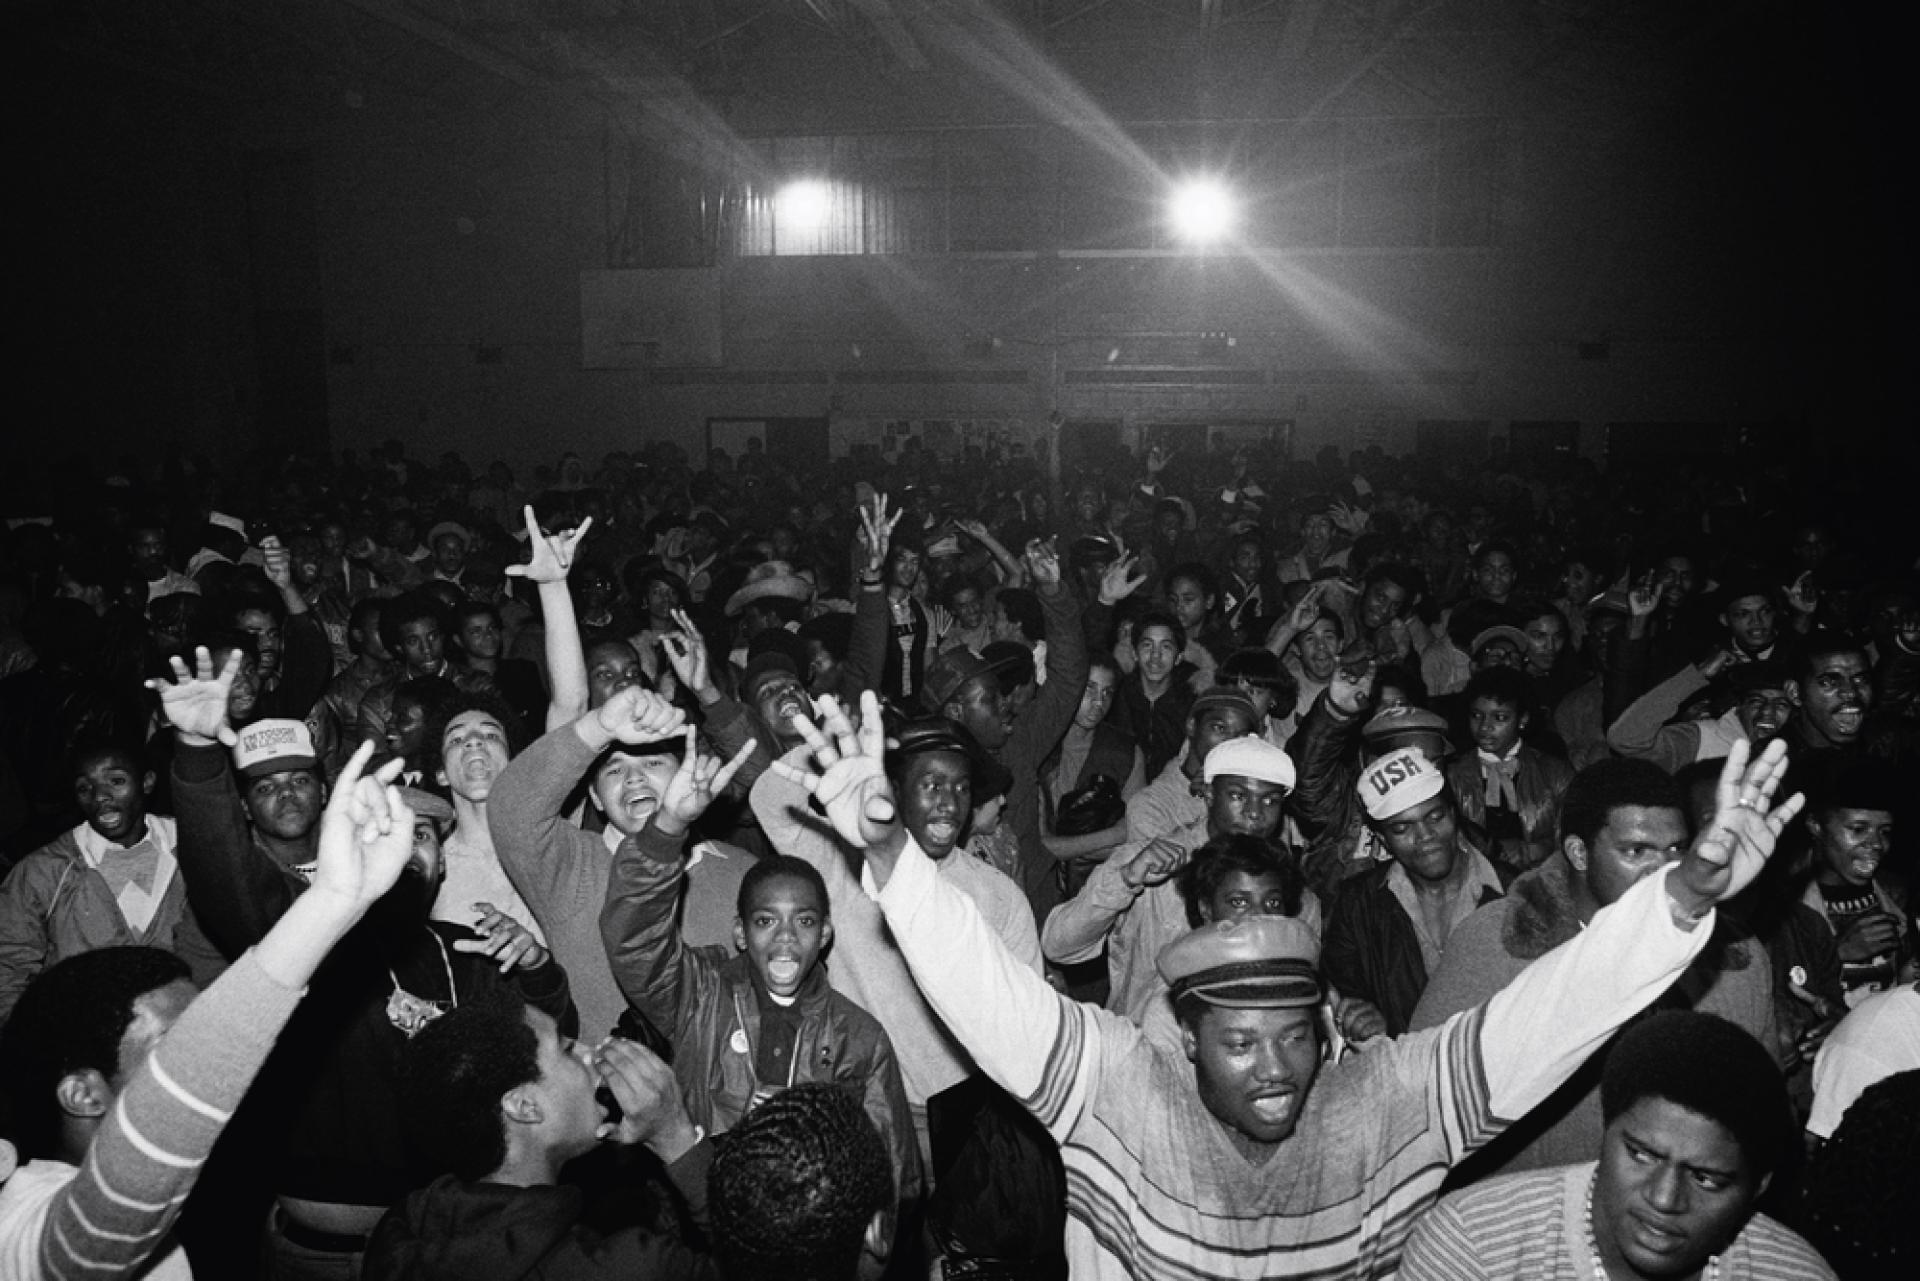 Le public du Bronx River Art Center, lieu new-yorkais créé dans les années 1970 pour permettre l'accès à la culture  des populations défavorisées.